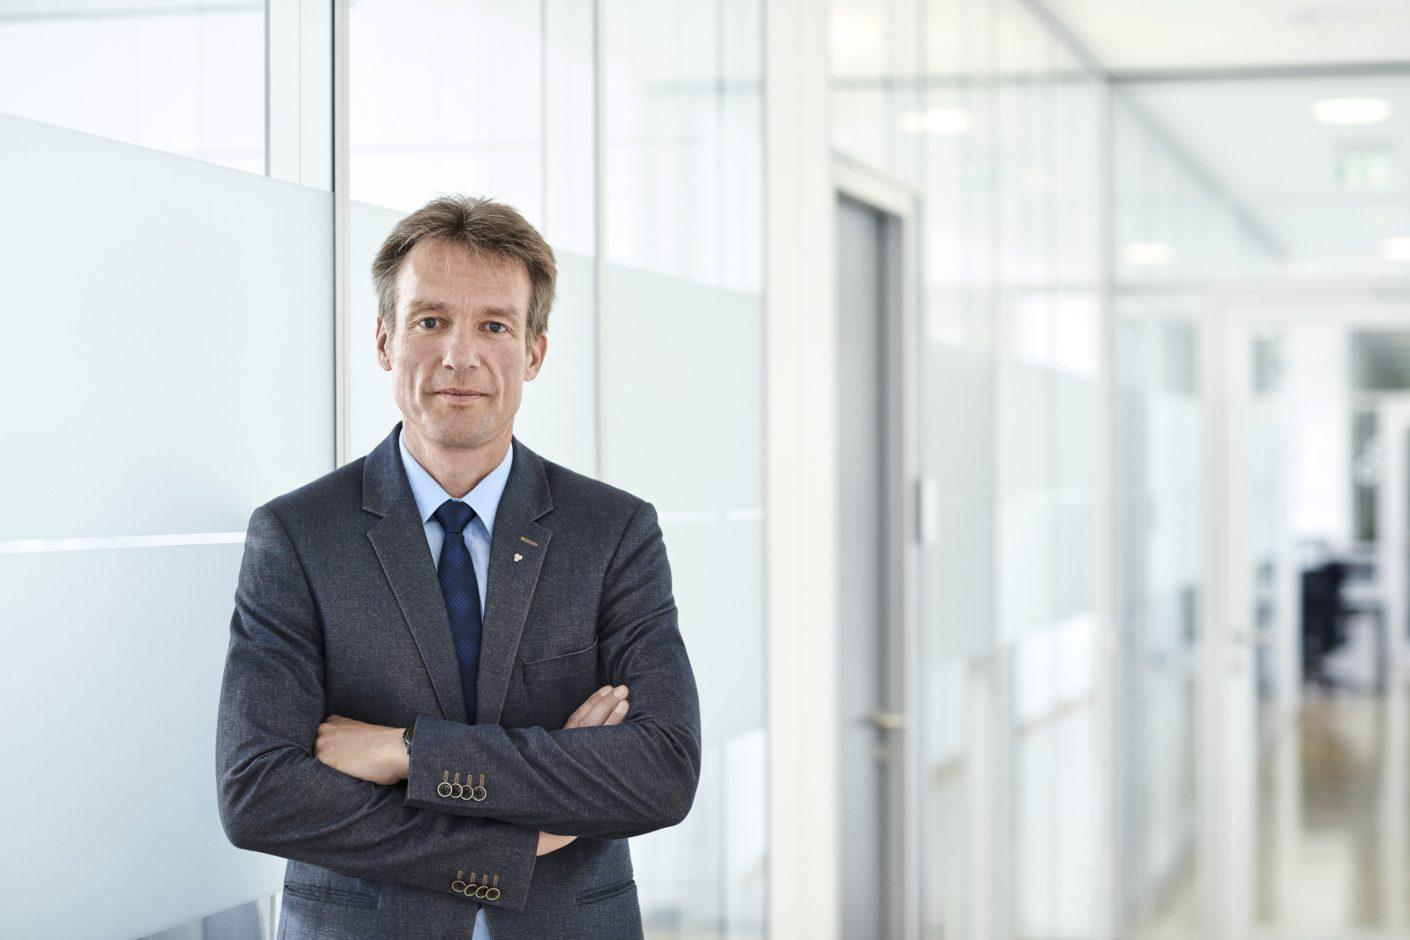 Dr. Oliver Frey ist als Mitglied der Geschäftsleitung für die Weiterentwicklung der Klimastrategie der Ensinger Gruppe zuständig. Foto: Ensinger